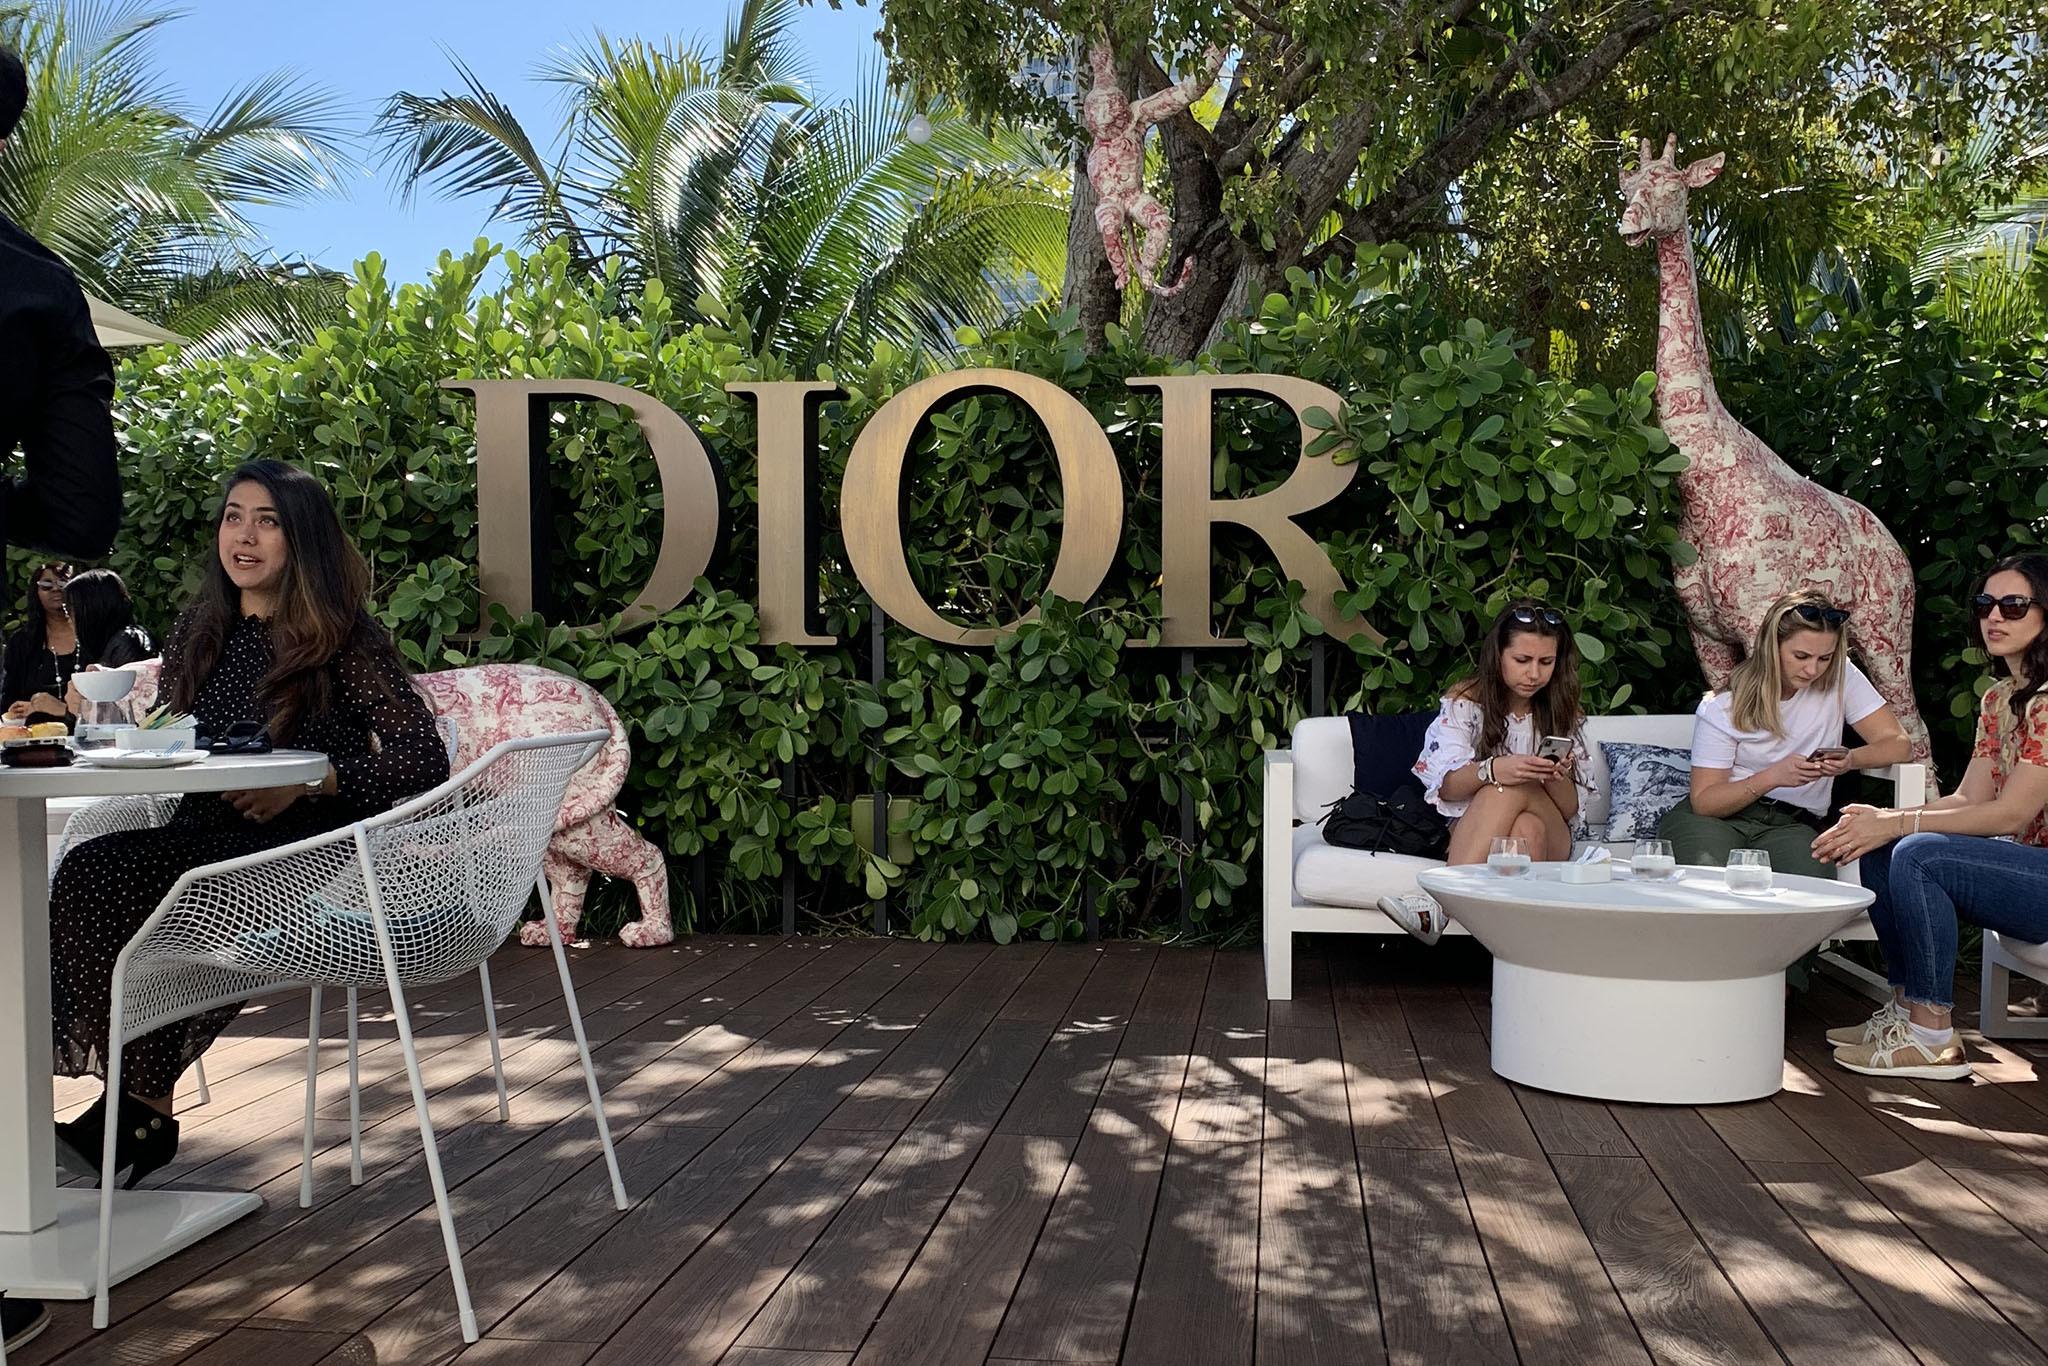 Café Dior